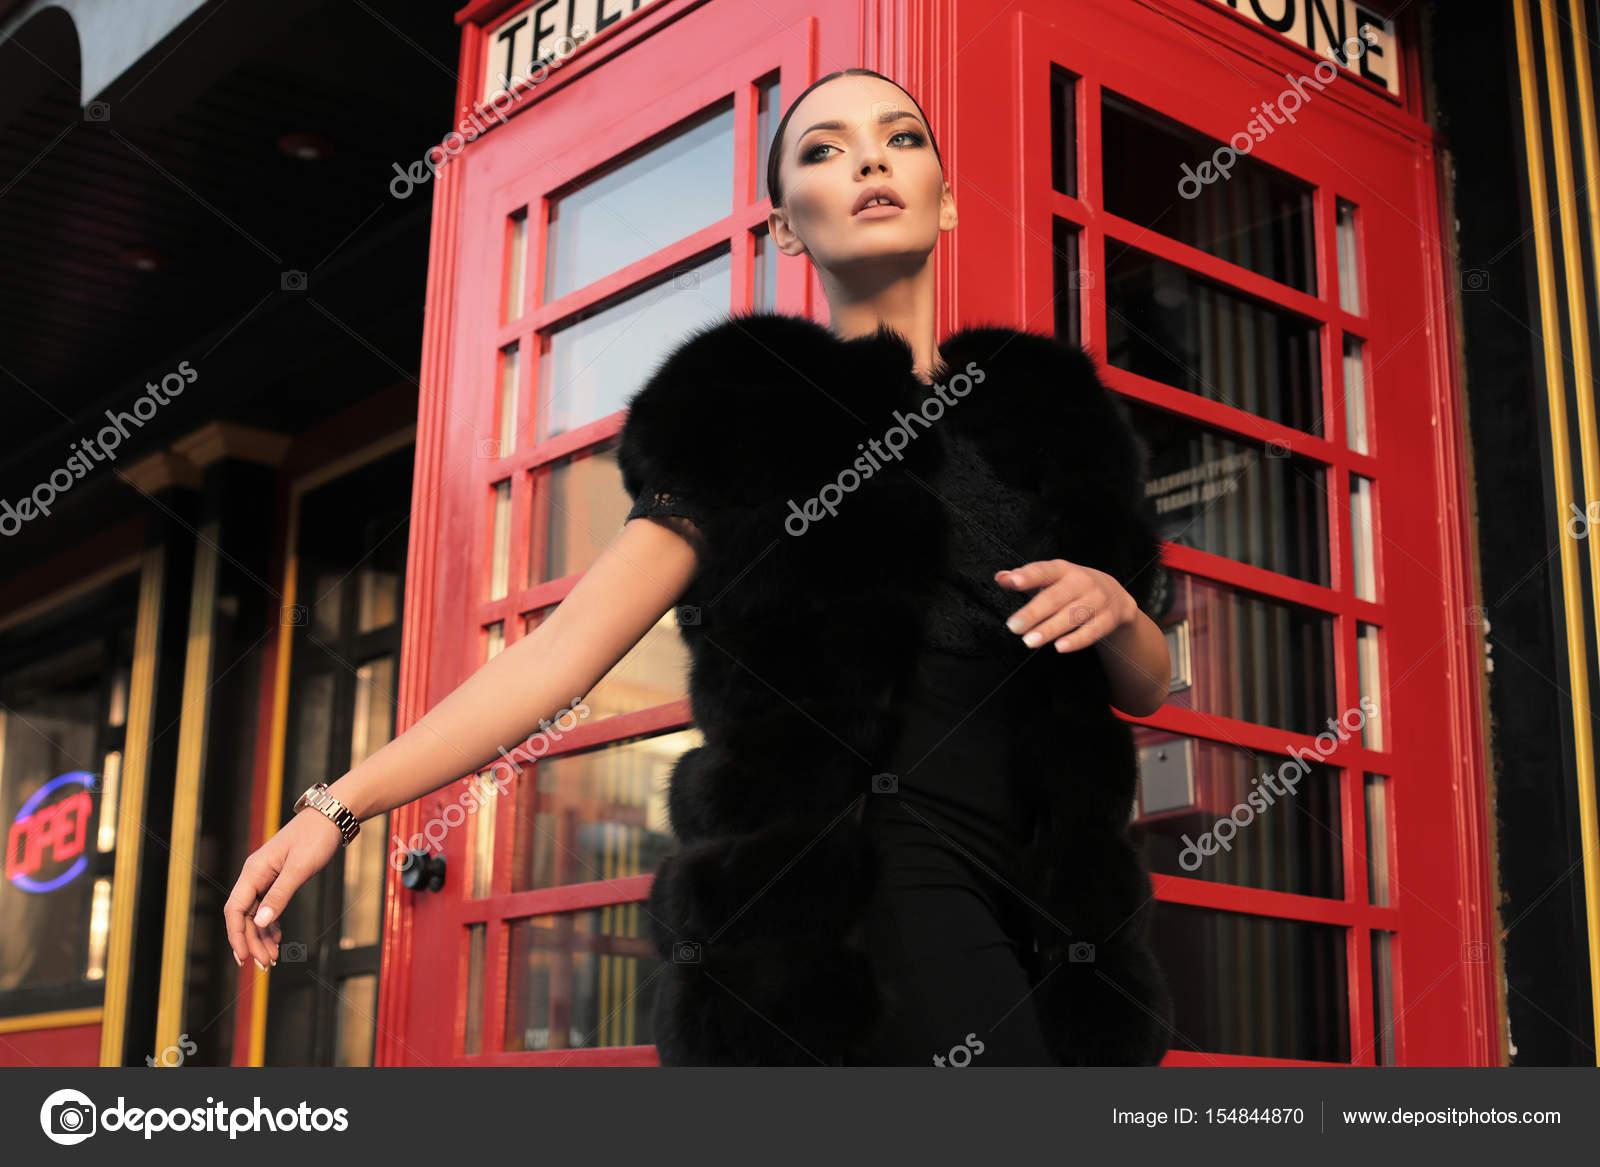 Сексуальные девушки в лондоне насти каменской раздевалке